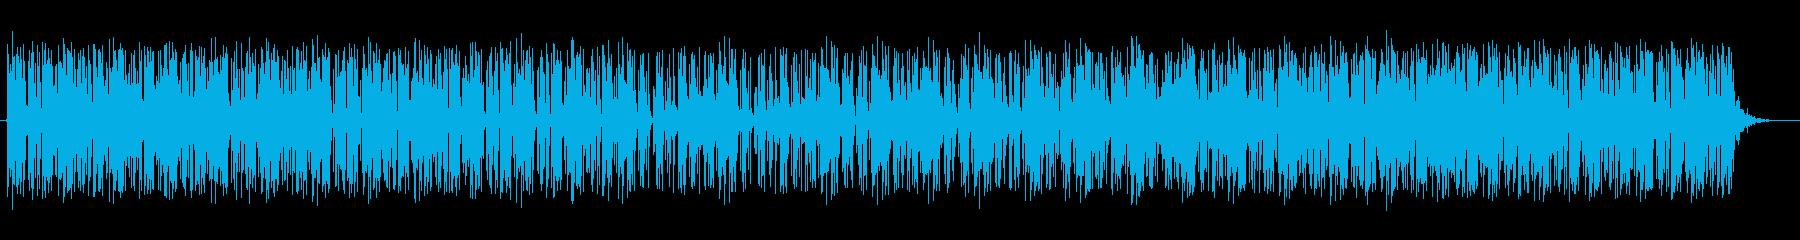 軽やかなテクノミュージックの再生済みの波形